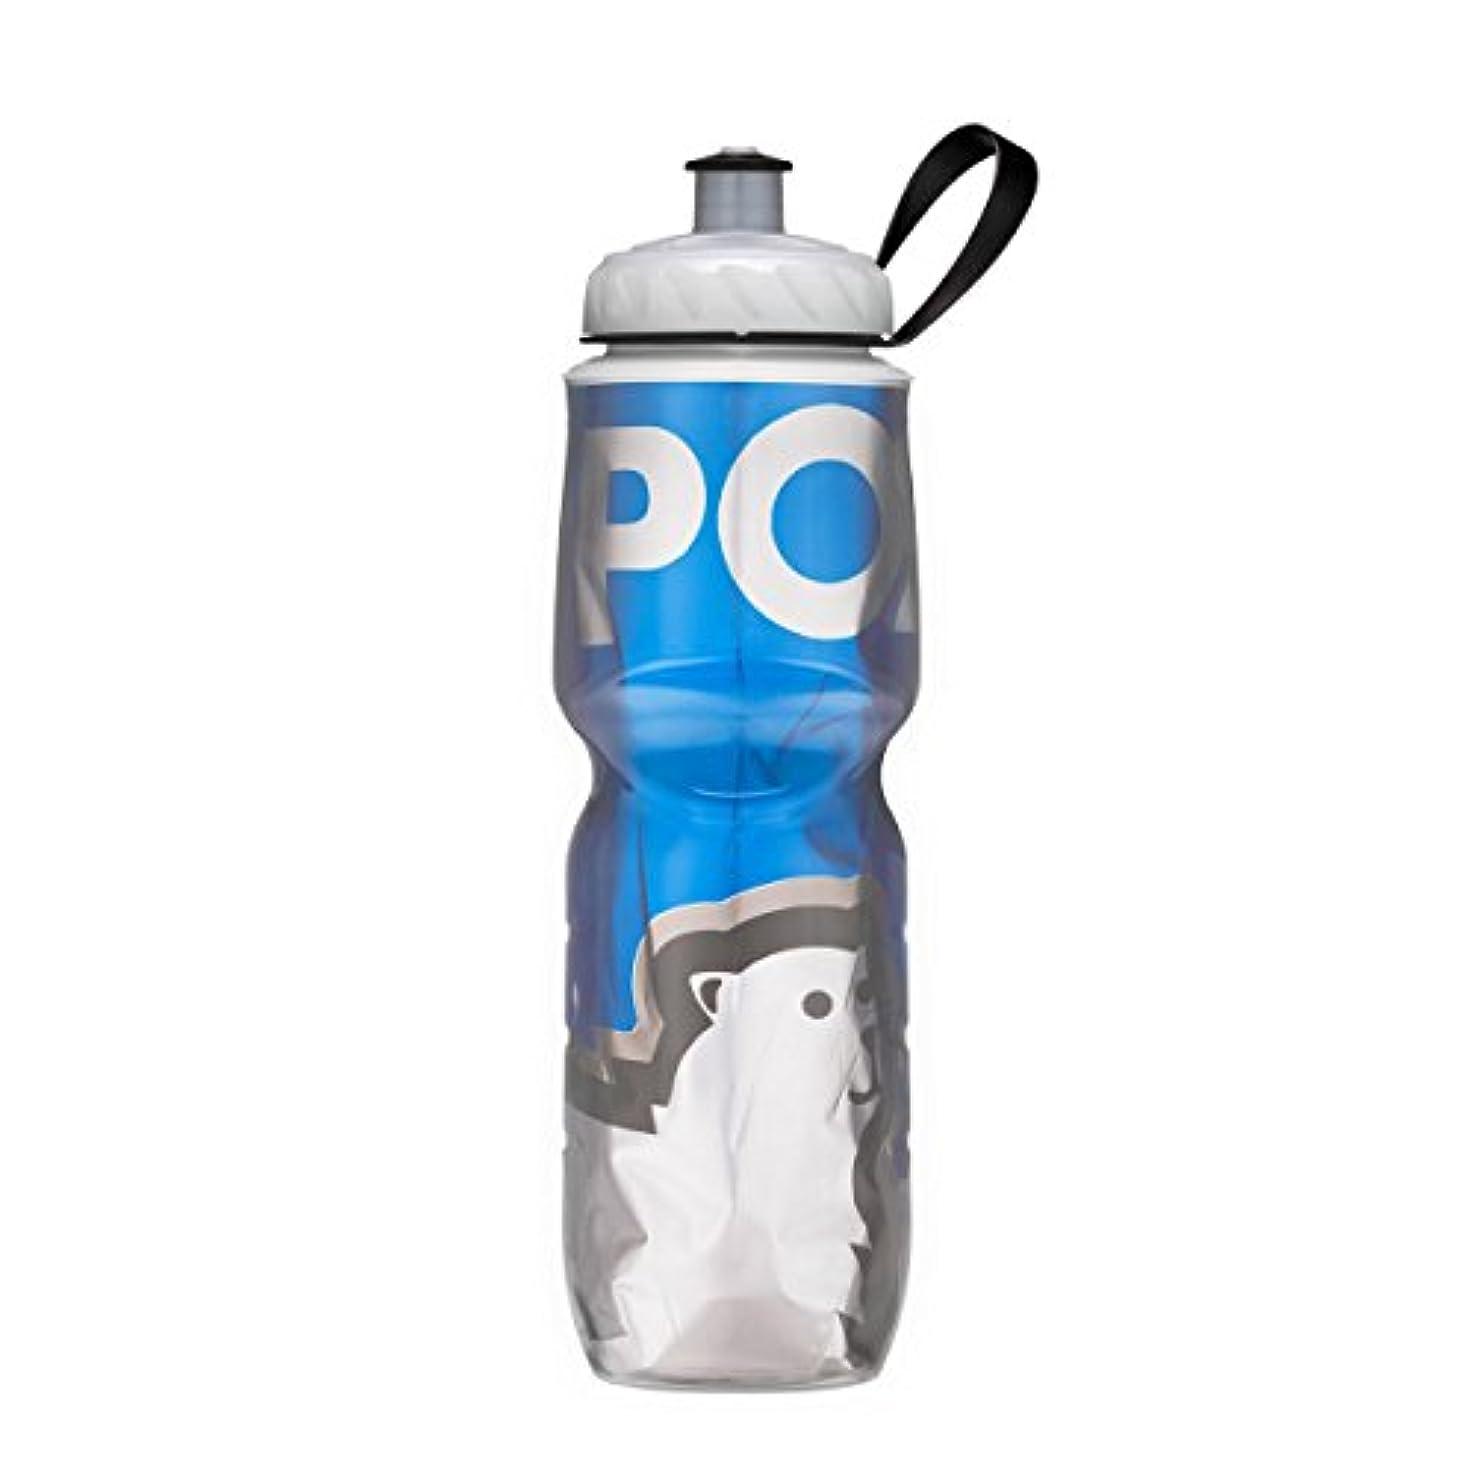 香り帝国主義知るPOLAR(ポーラーボトル) ポーラーボトル 20 OZ 0.59L PBB-20-G